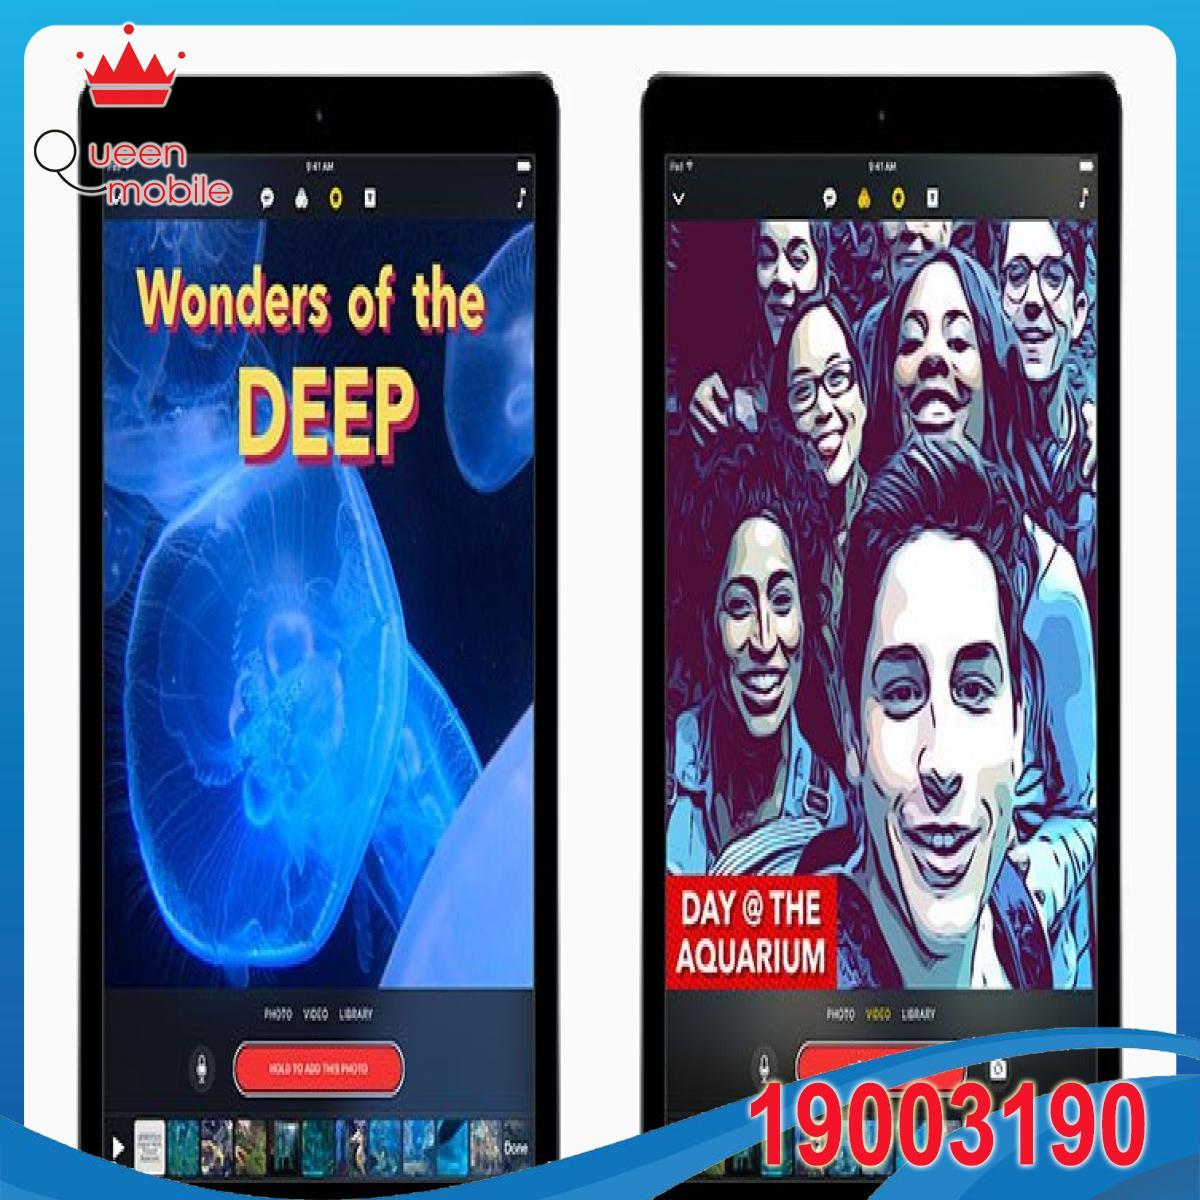 """Apple giới thiệu ứng dụng """"Clips"""": sự kết hợp giữa video, ảnh, nhạc và hiệu ứng,…"""